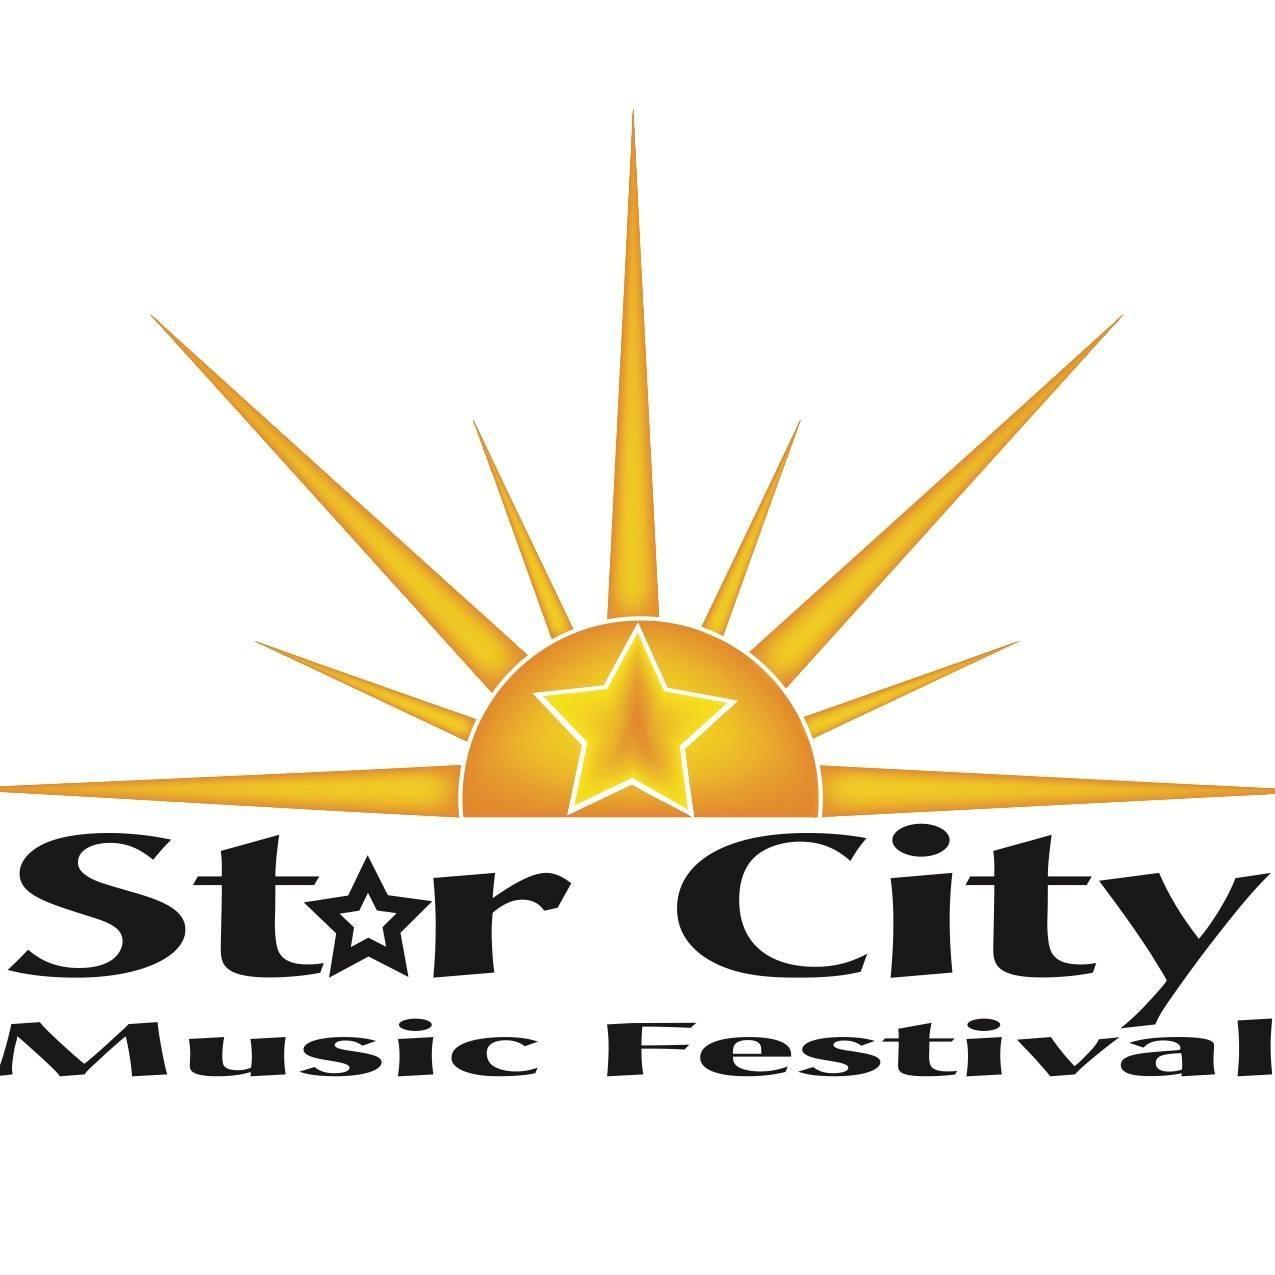 Star City Music Festival photo.jpg